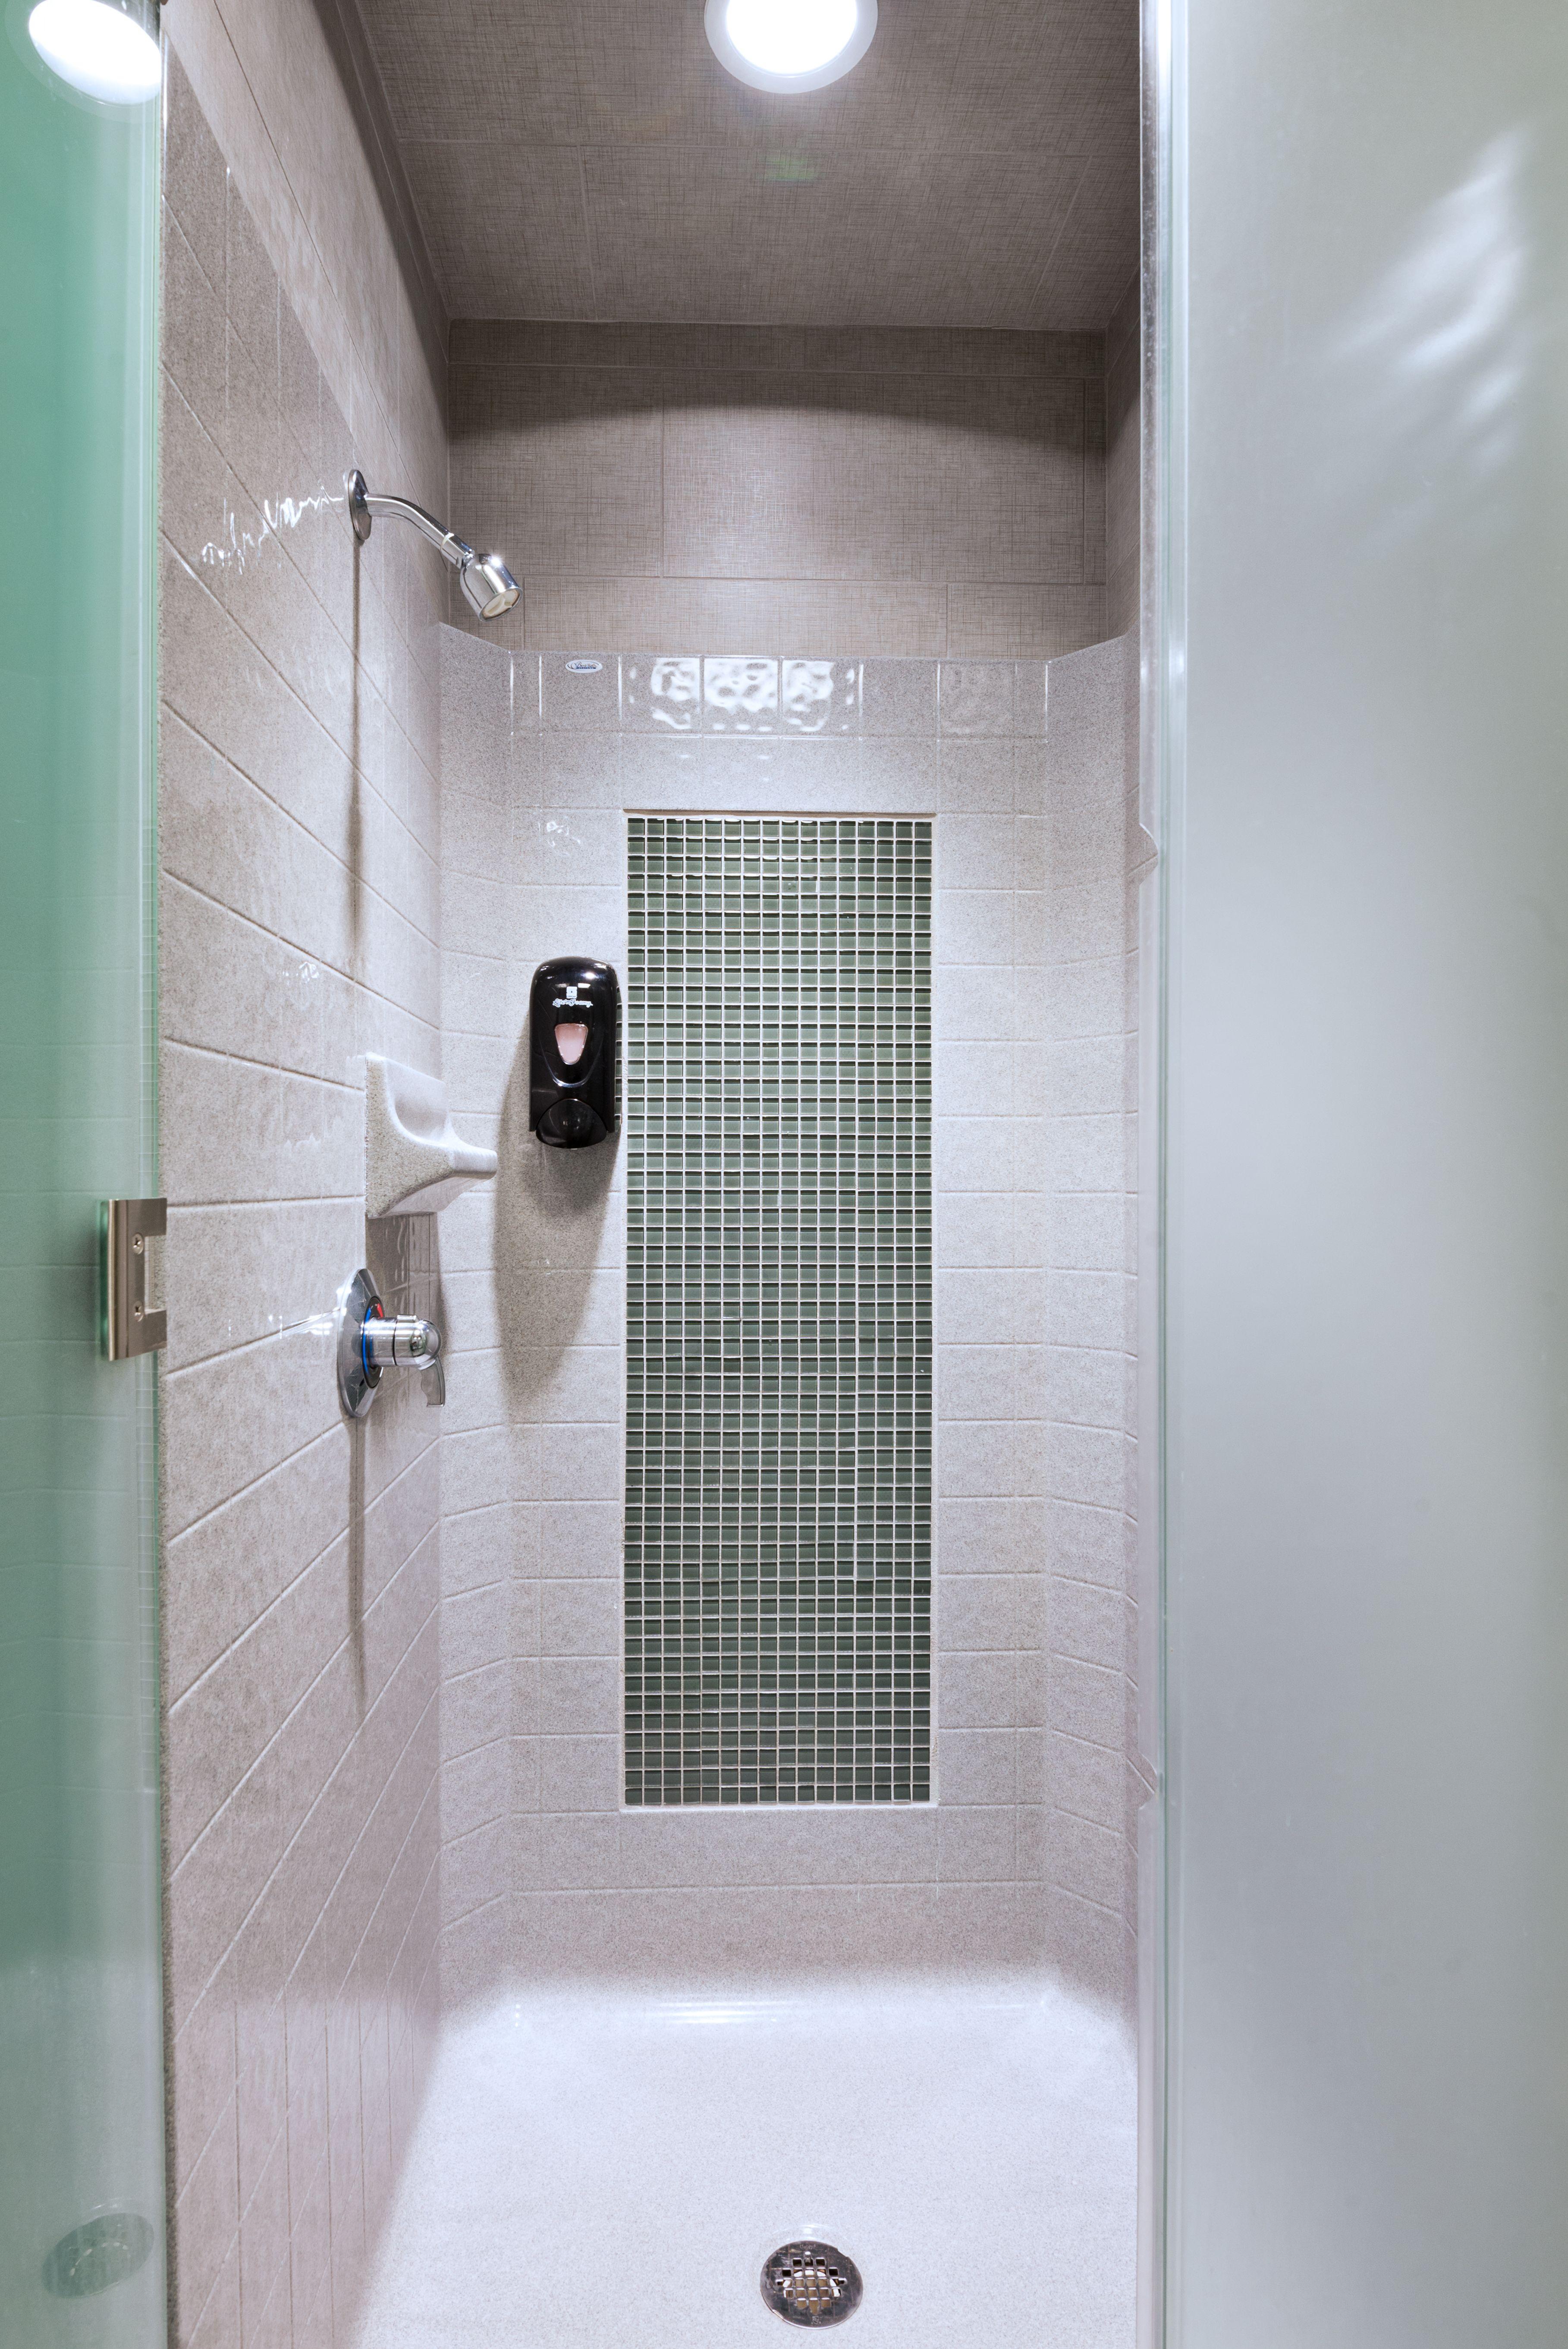 Bestbath Designer Series shower at the Healthquest Gym in ...